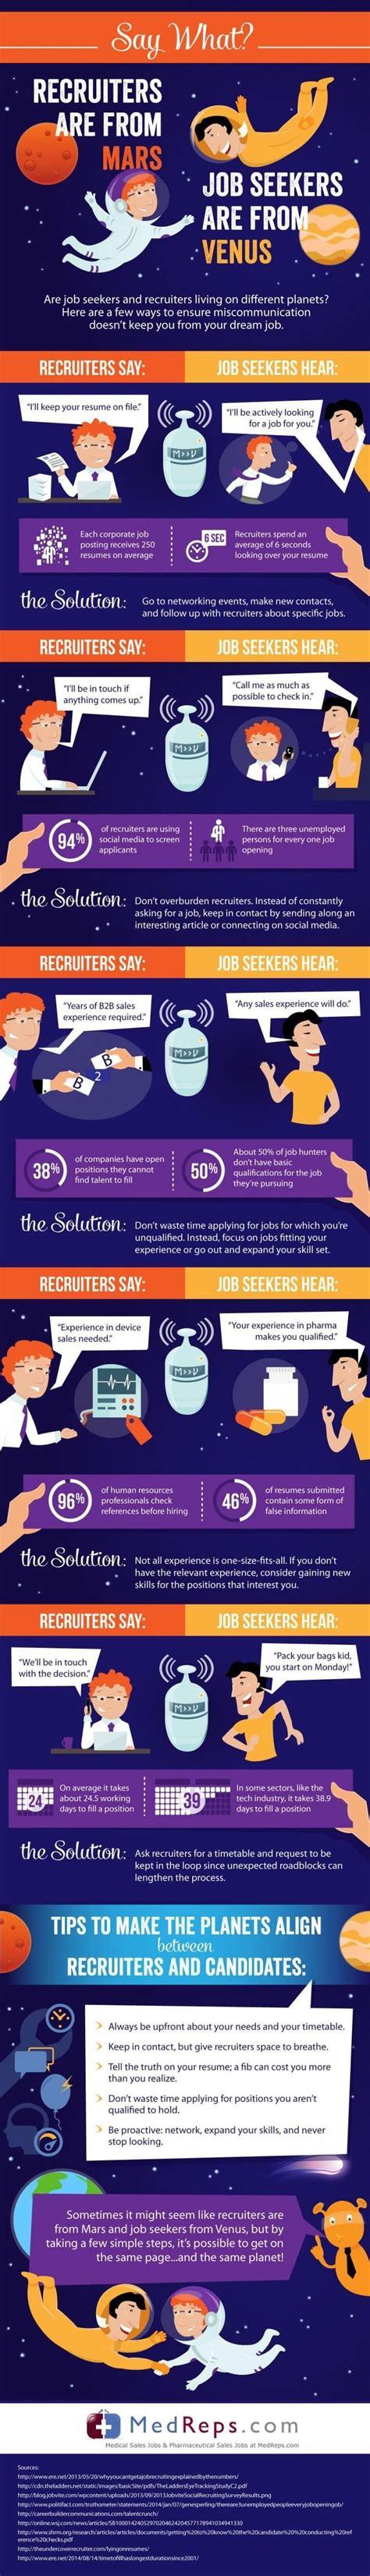 miscommunicatie bij recruiting   job seeker job